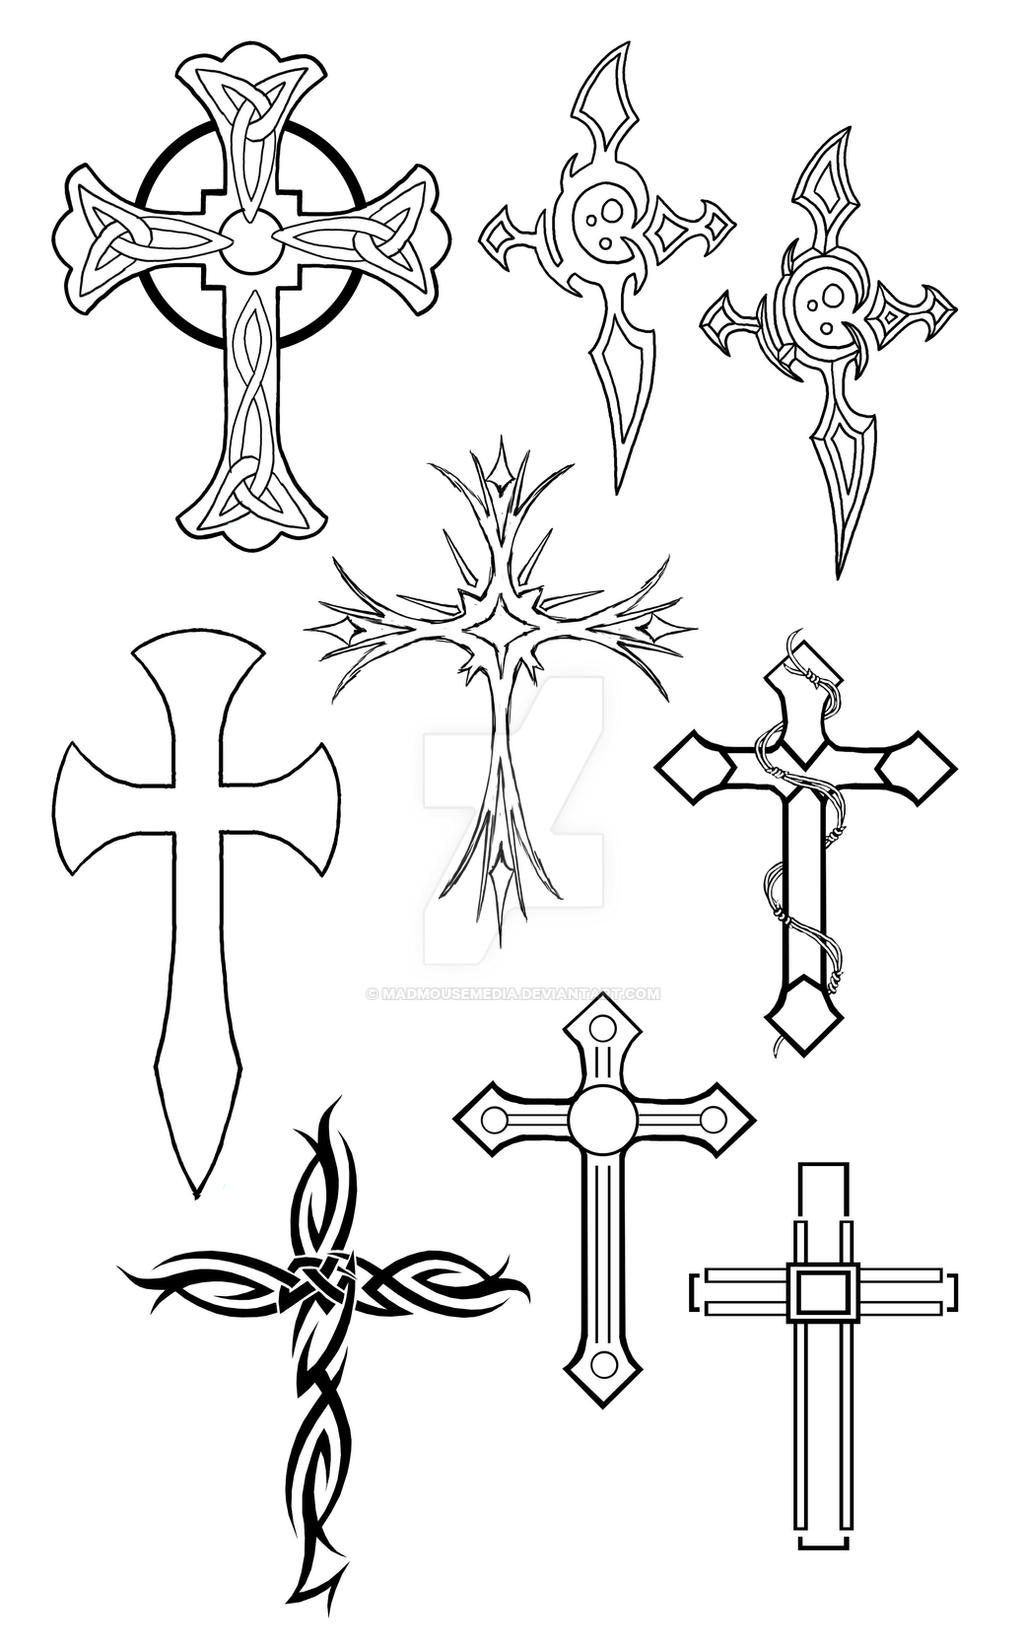 Cross Tattoo Wrist Designs